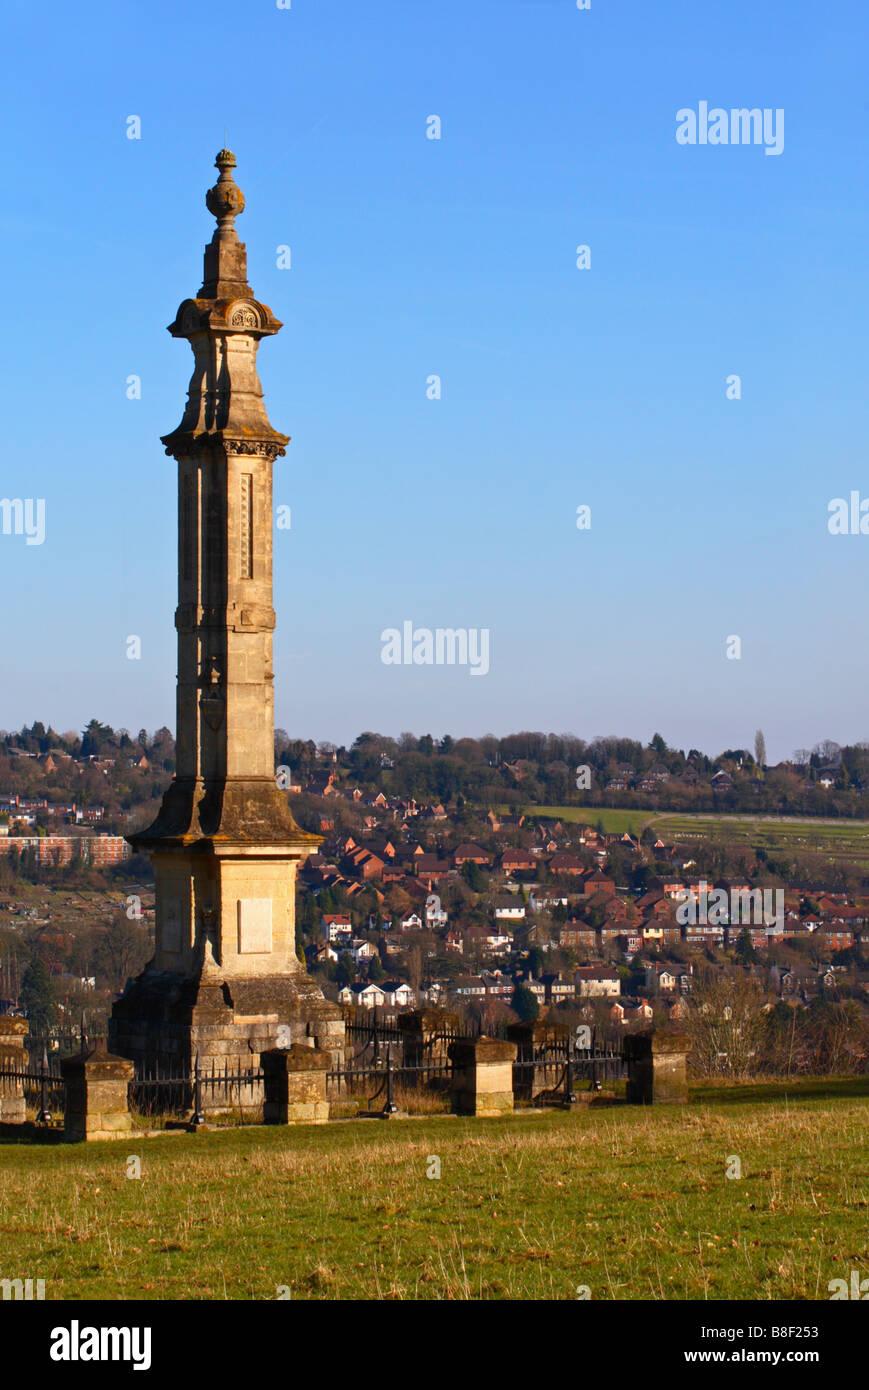 Disraeli monument, High Wycombe, Buckinghamshire, United Kingdom - Stock Image